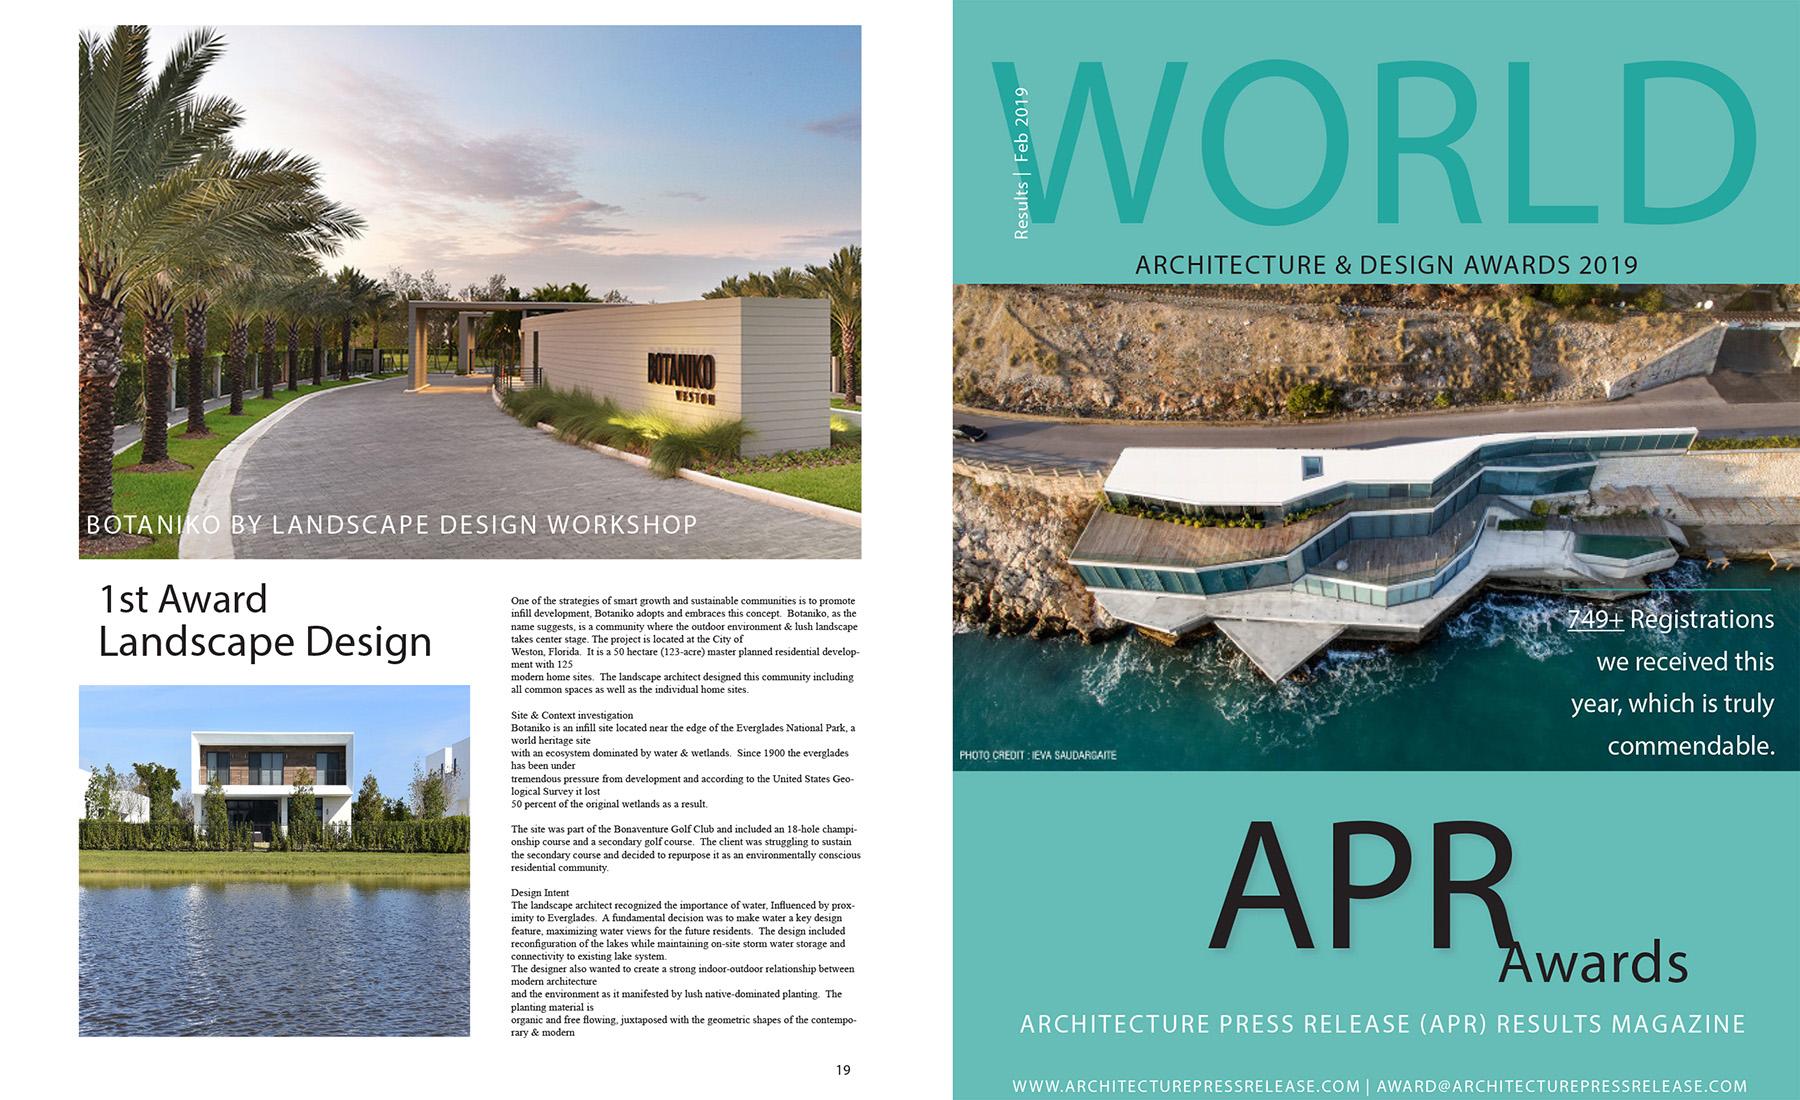 WADA_Magazine2019_19-03-06_02